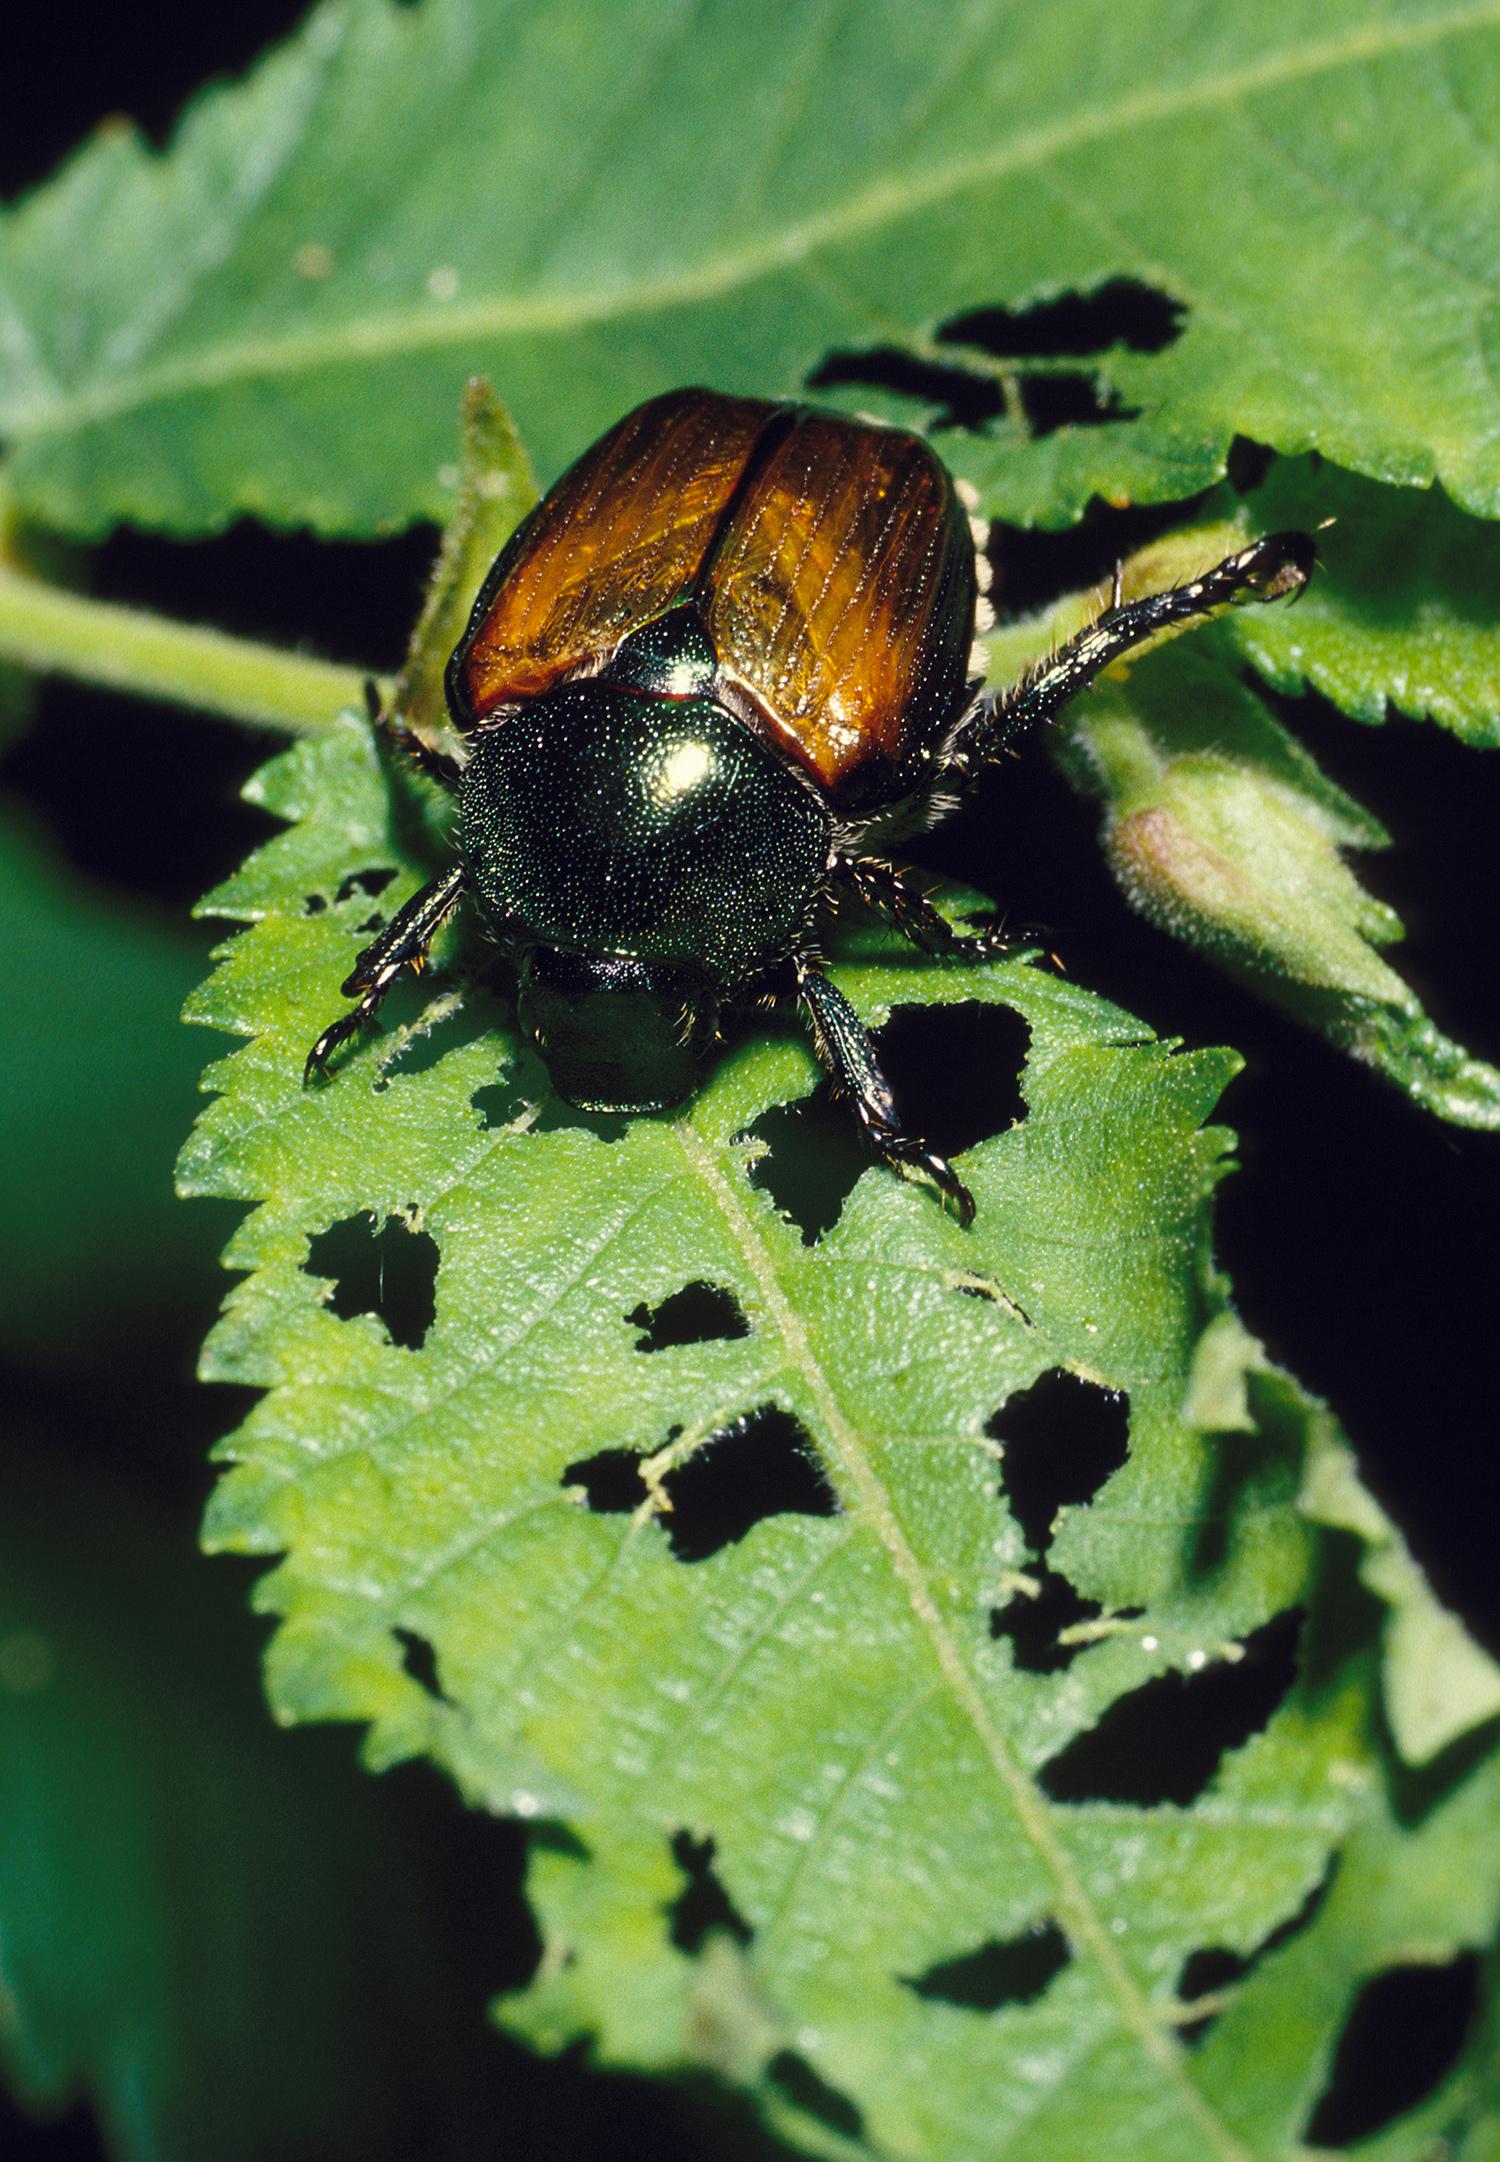 japanese beetle on damaged leaf